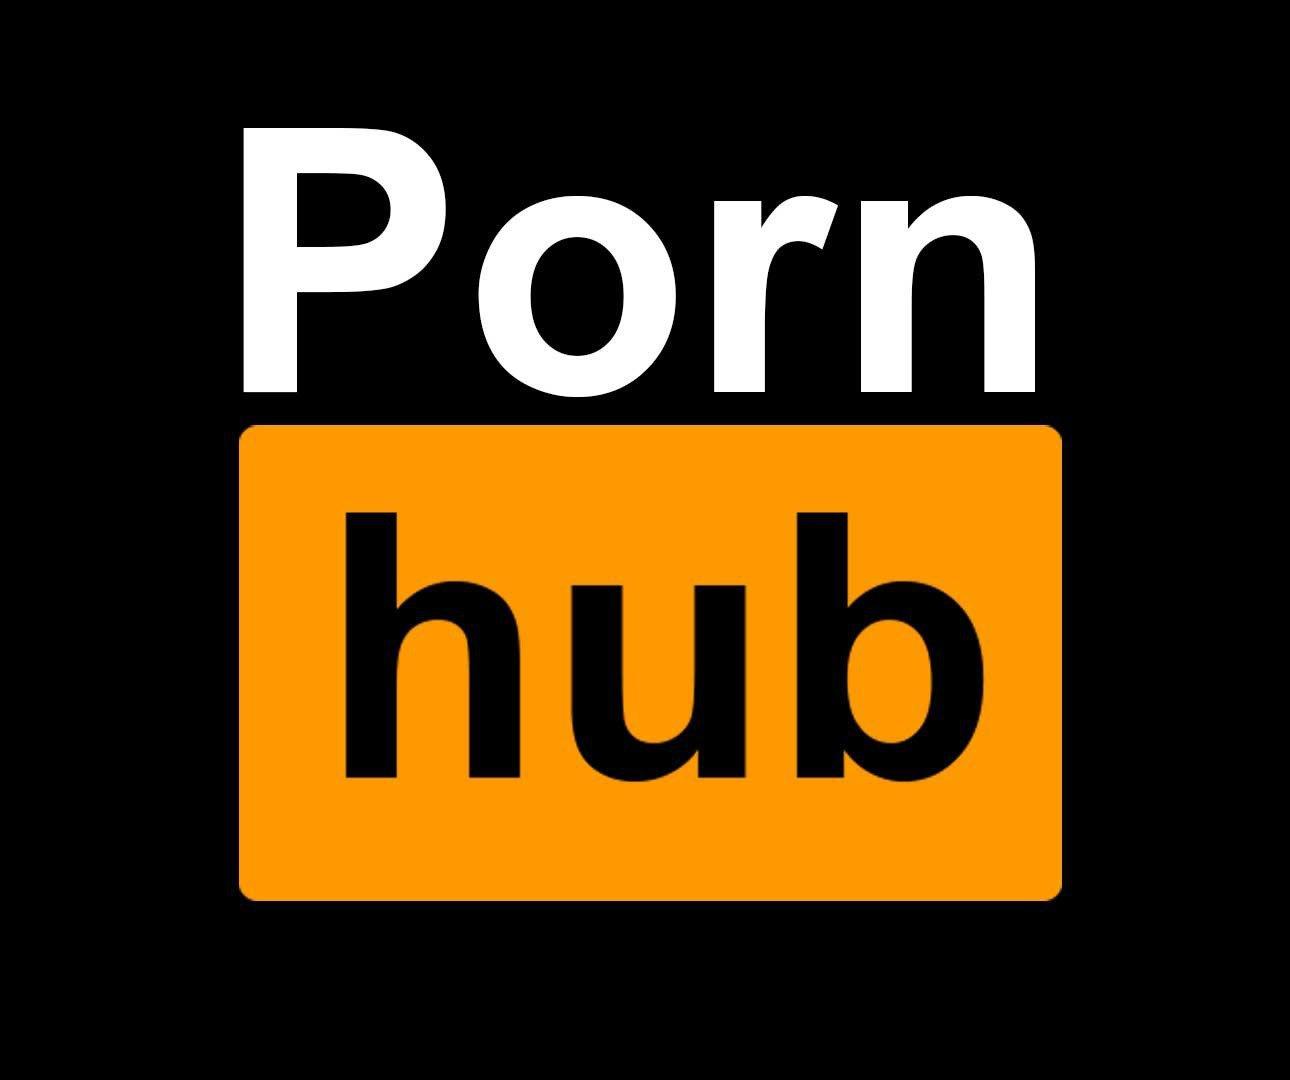 porno ub